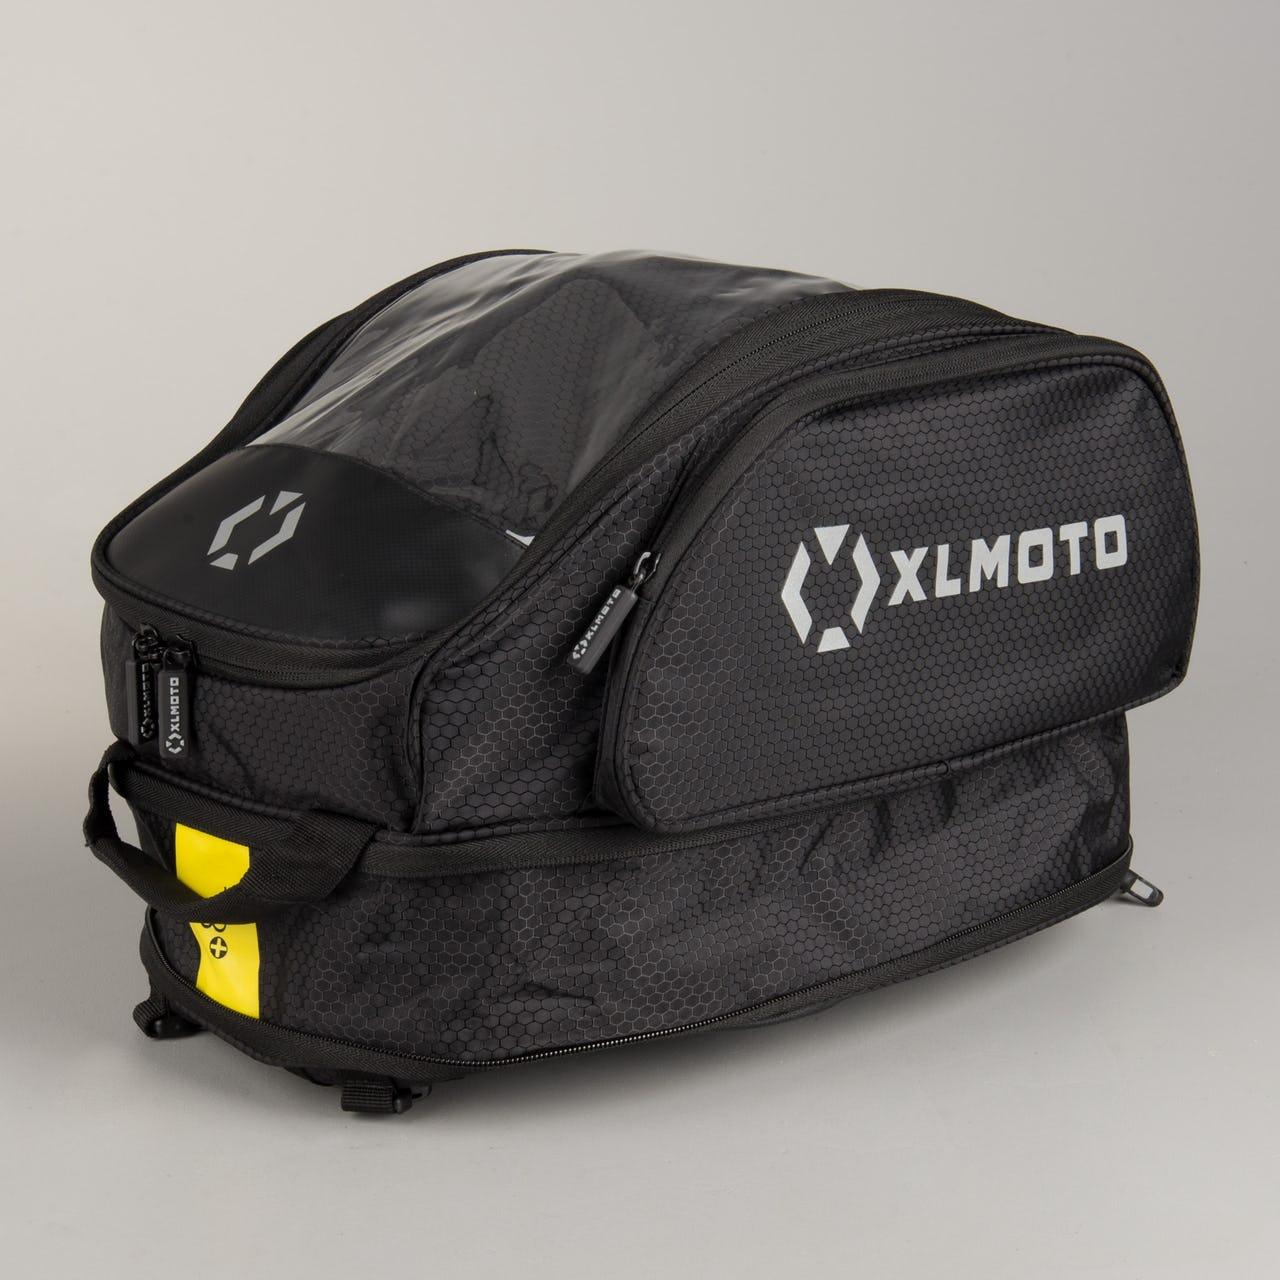 Sacoche de réservoir XLmoto - 20 Litres (extensible jusqu'à 28 litres), poche transparente